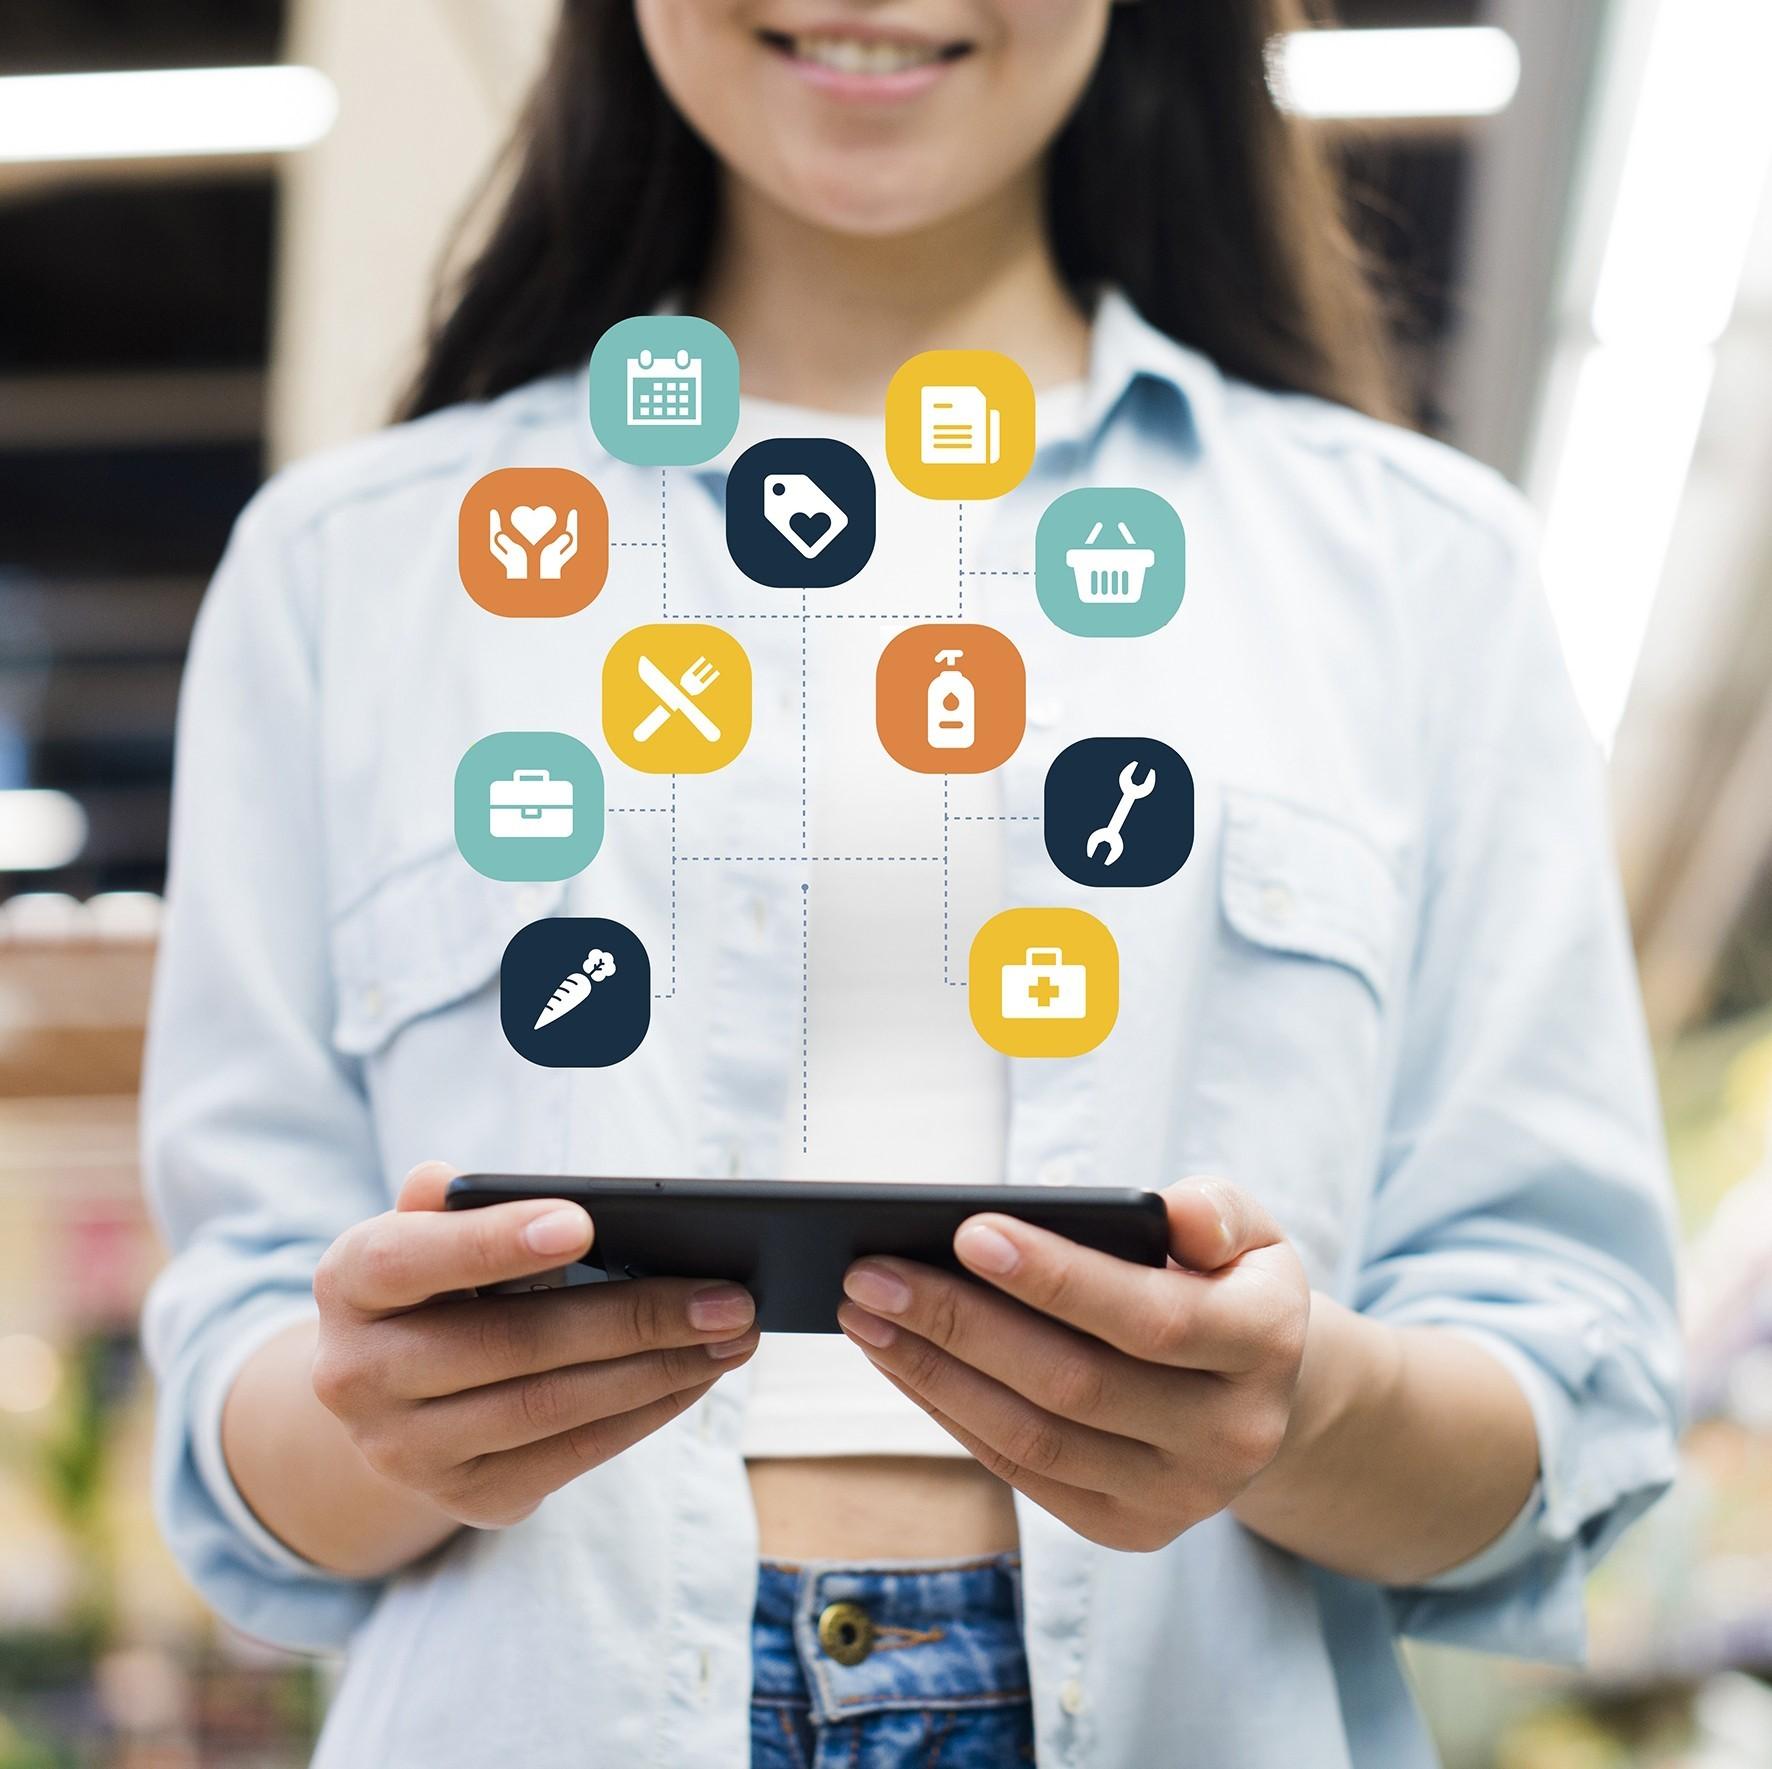 image, le numérique au service des humains